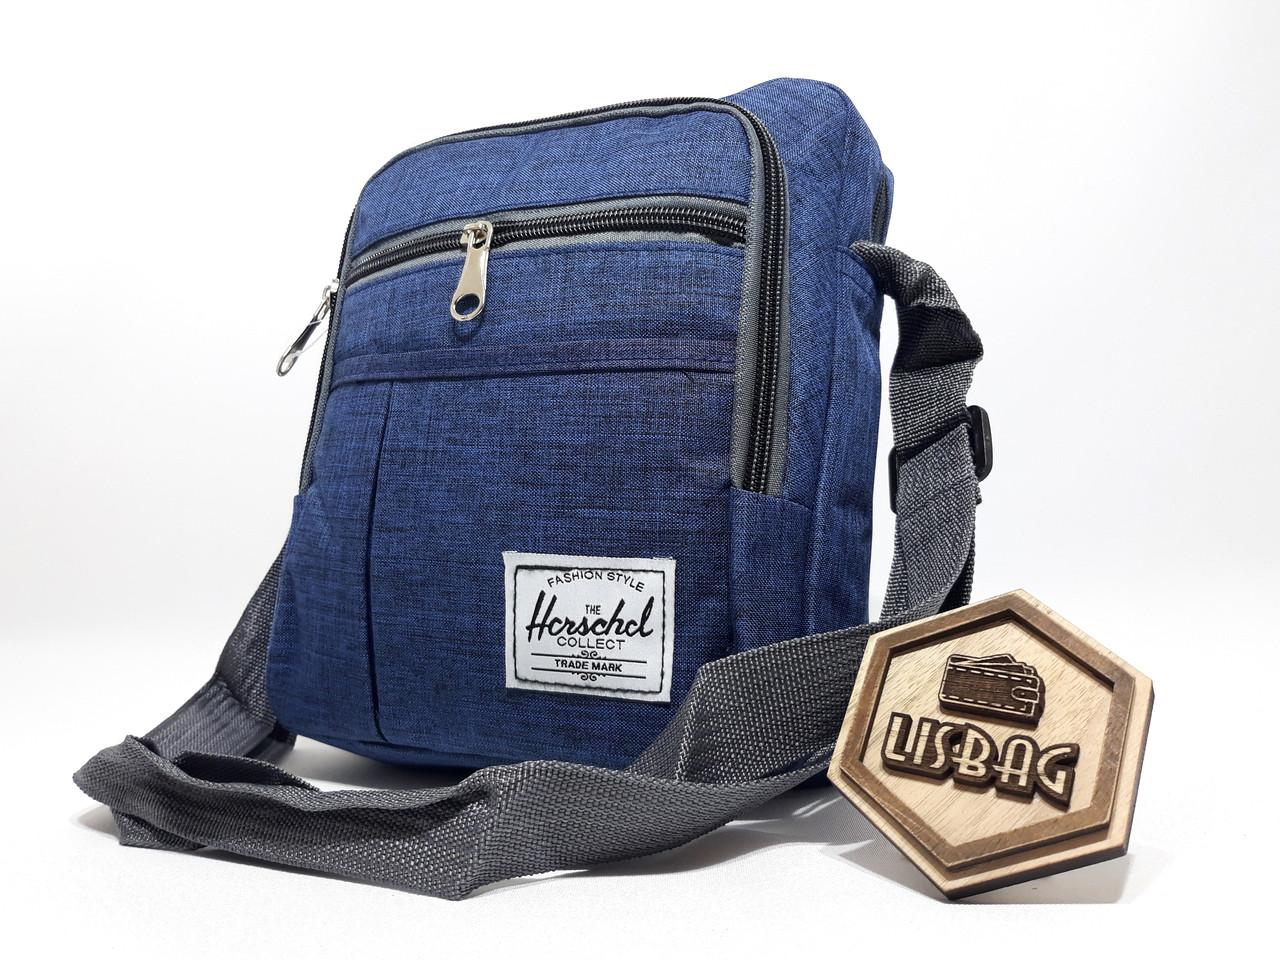 b5ad077ff2a8 Чоловіча Синя сумка планшетка / барсетка середнього розміру спортивного  стилю